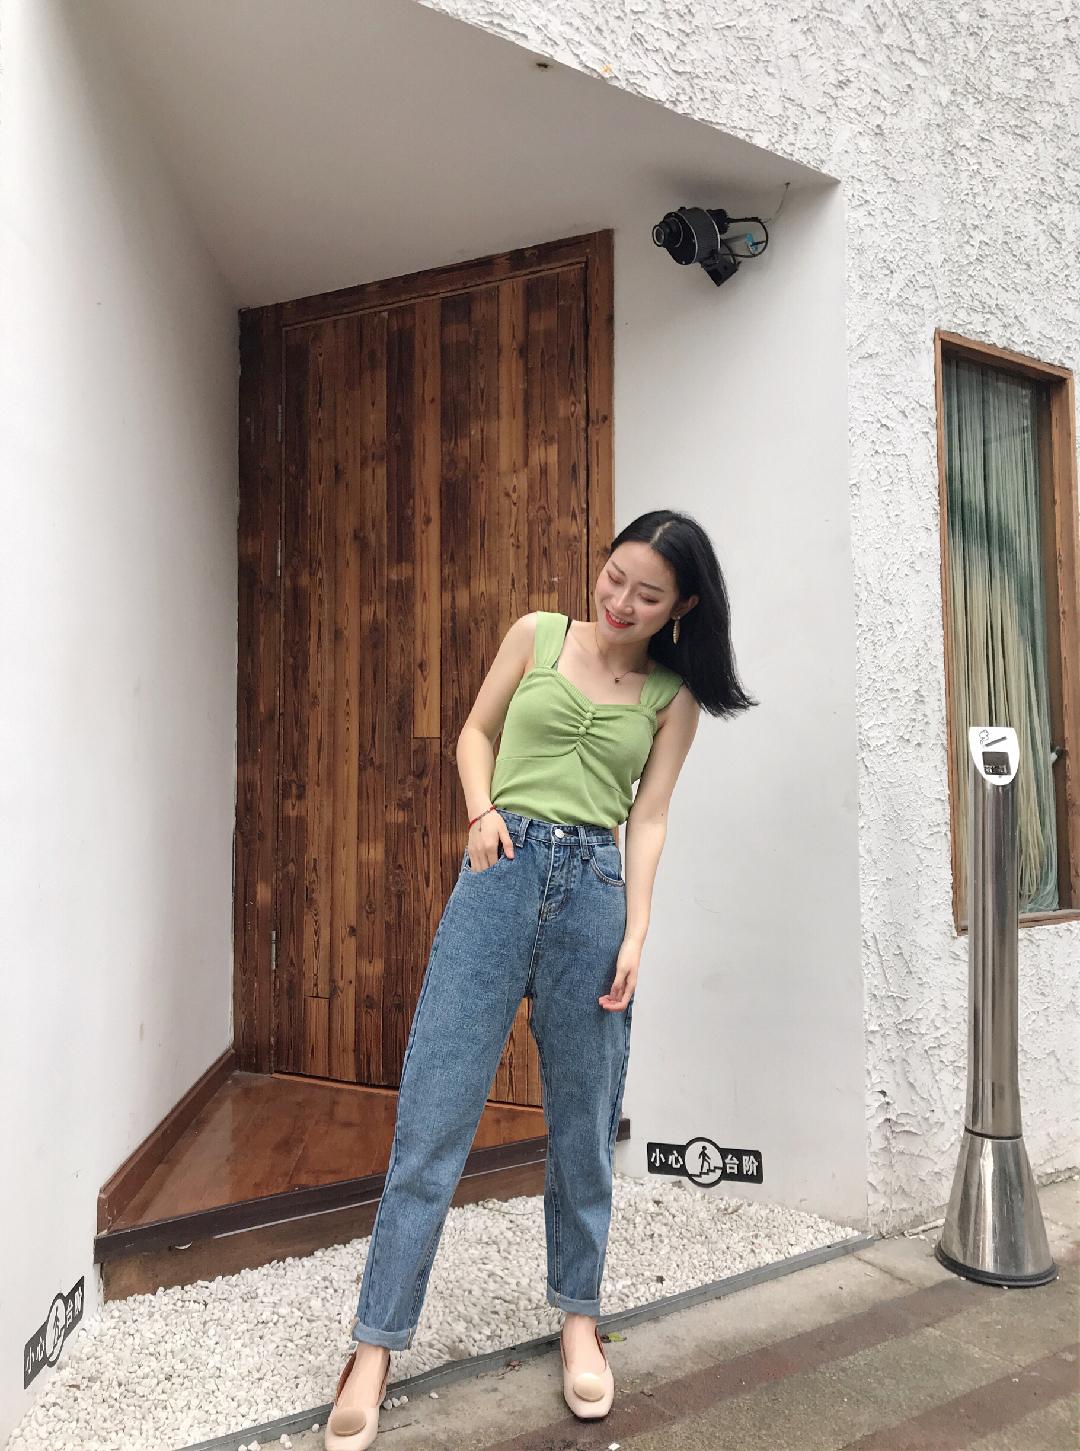 #少女感爆棚的日常打卡#南瓜穿搭 🔗 这种平价又好搭配的背心谁还没入手呀 搭配高腰小脚裤也是很显高显瘦哦 也是超级显腿直的 背心的背带和扣子也保留少女感~